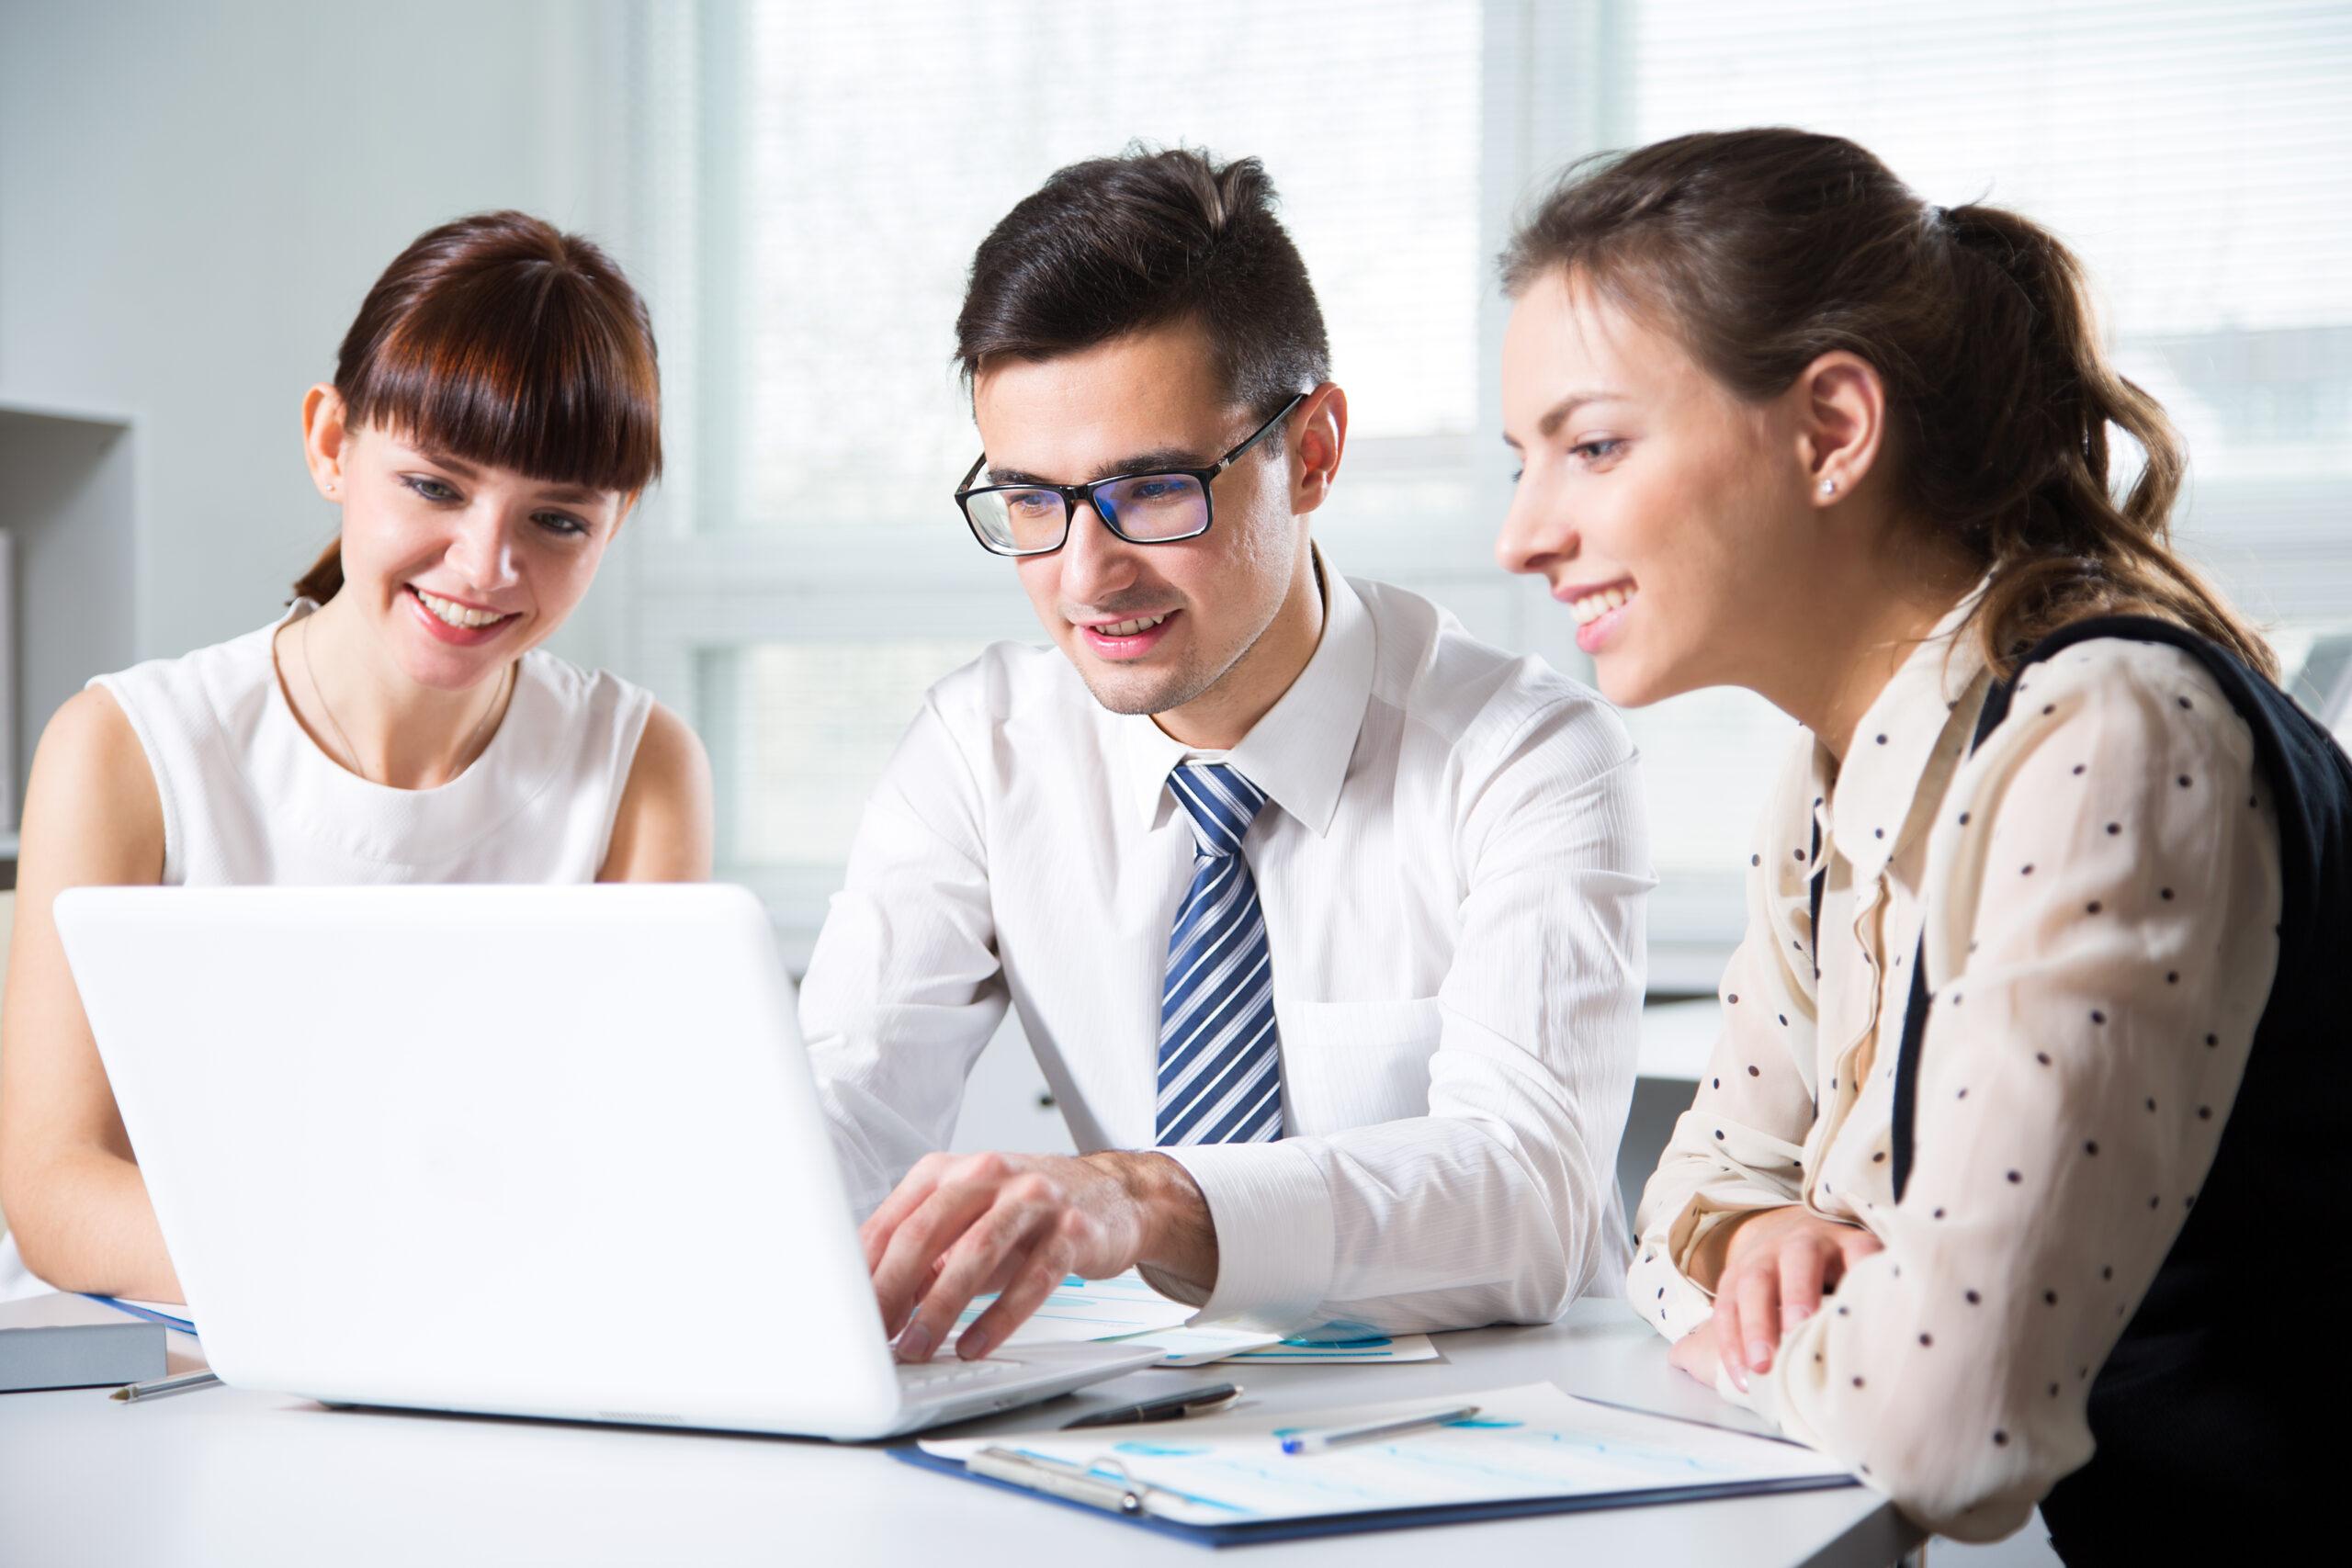 Právníci v kanceláři - Evolio, Advokátní software